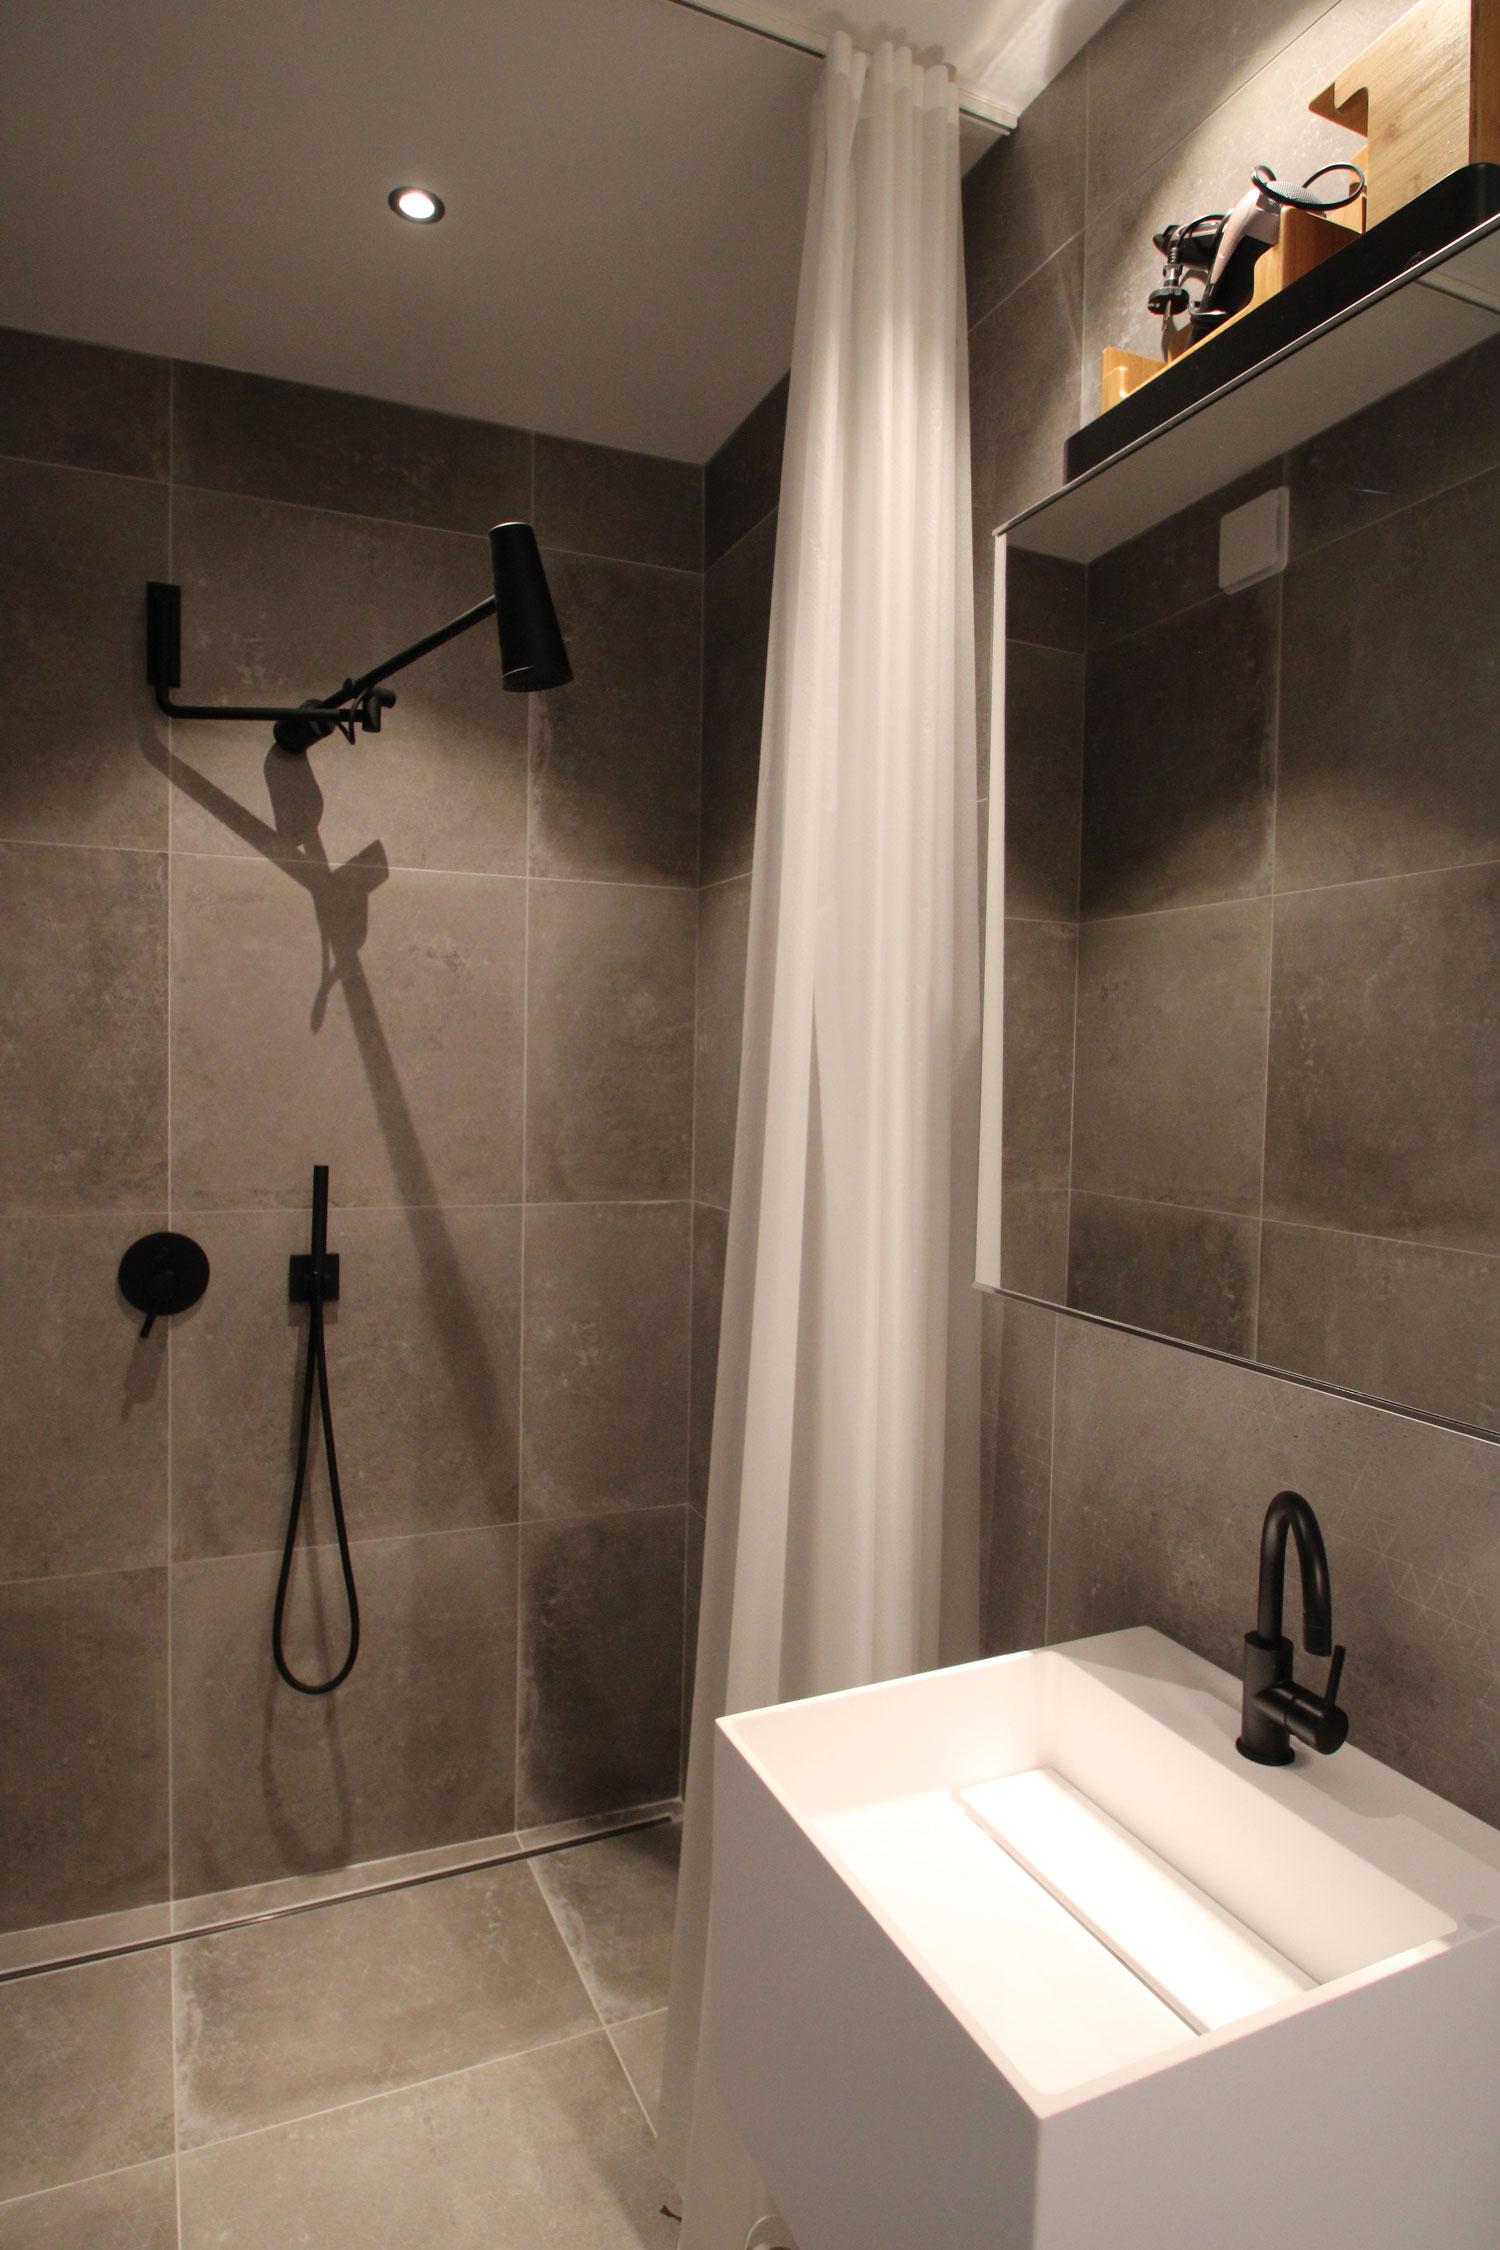 Salle de bain d'une des suites en location à Plouharnel.